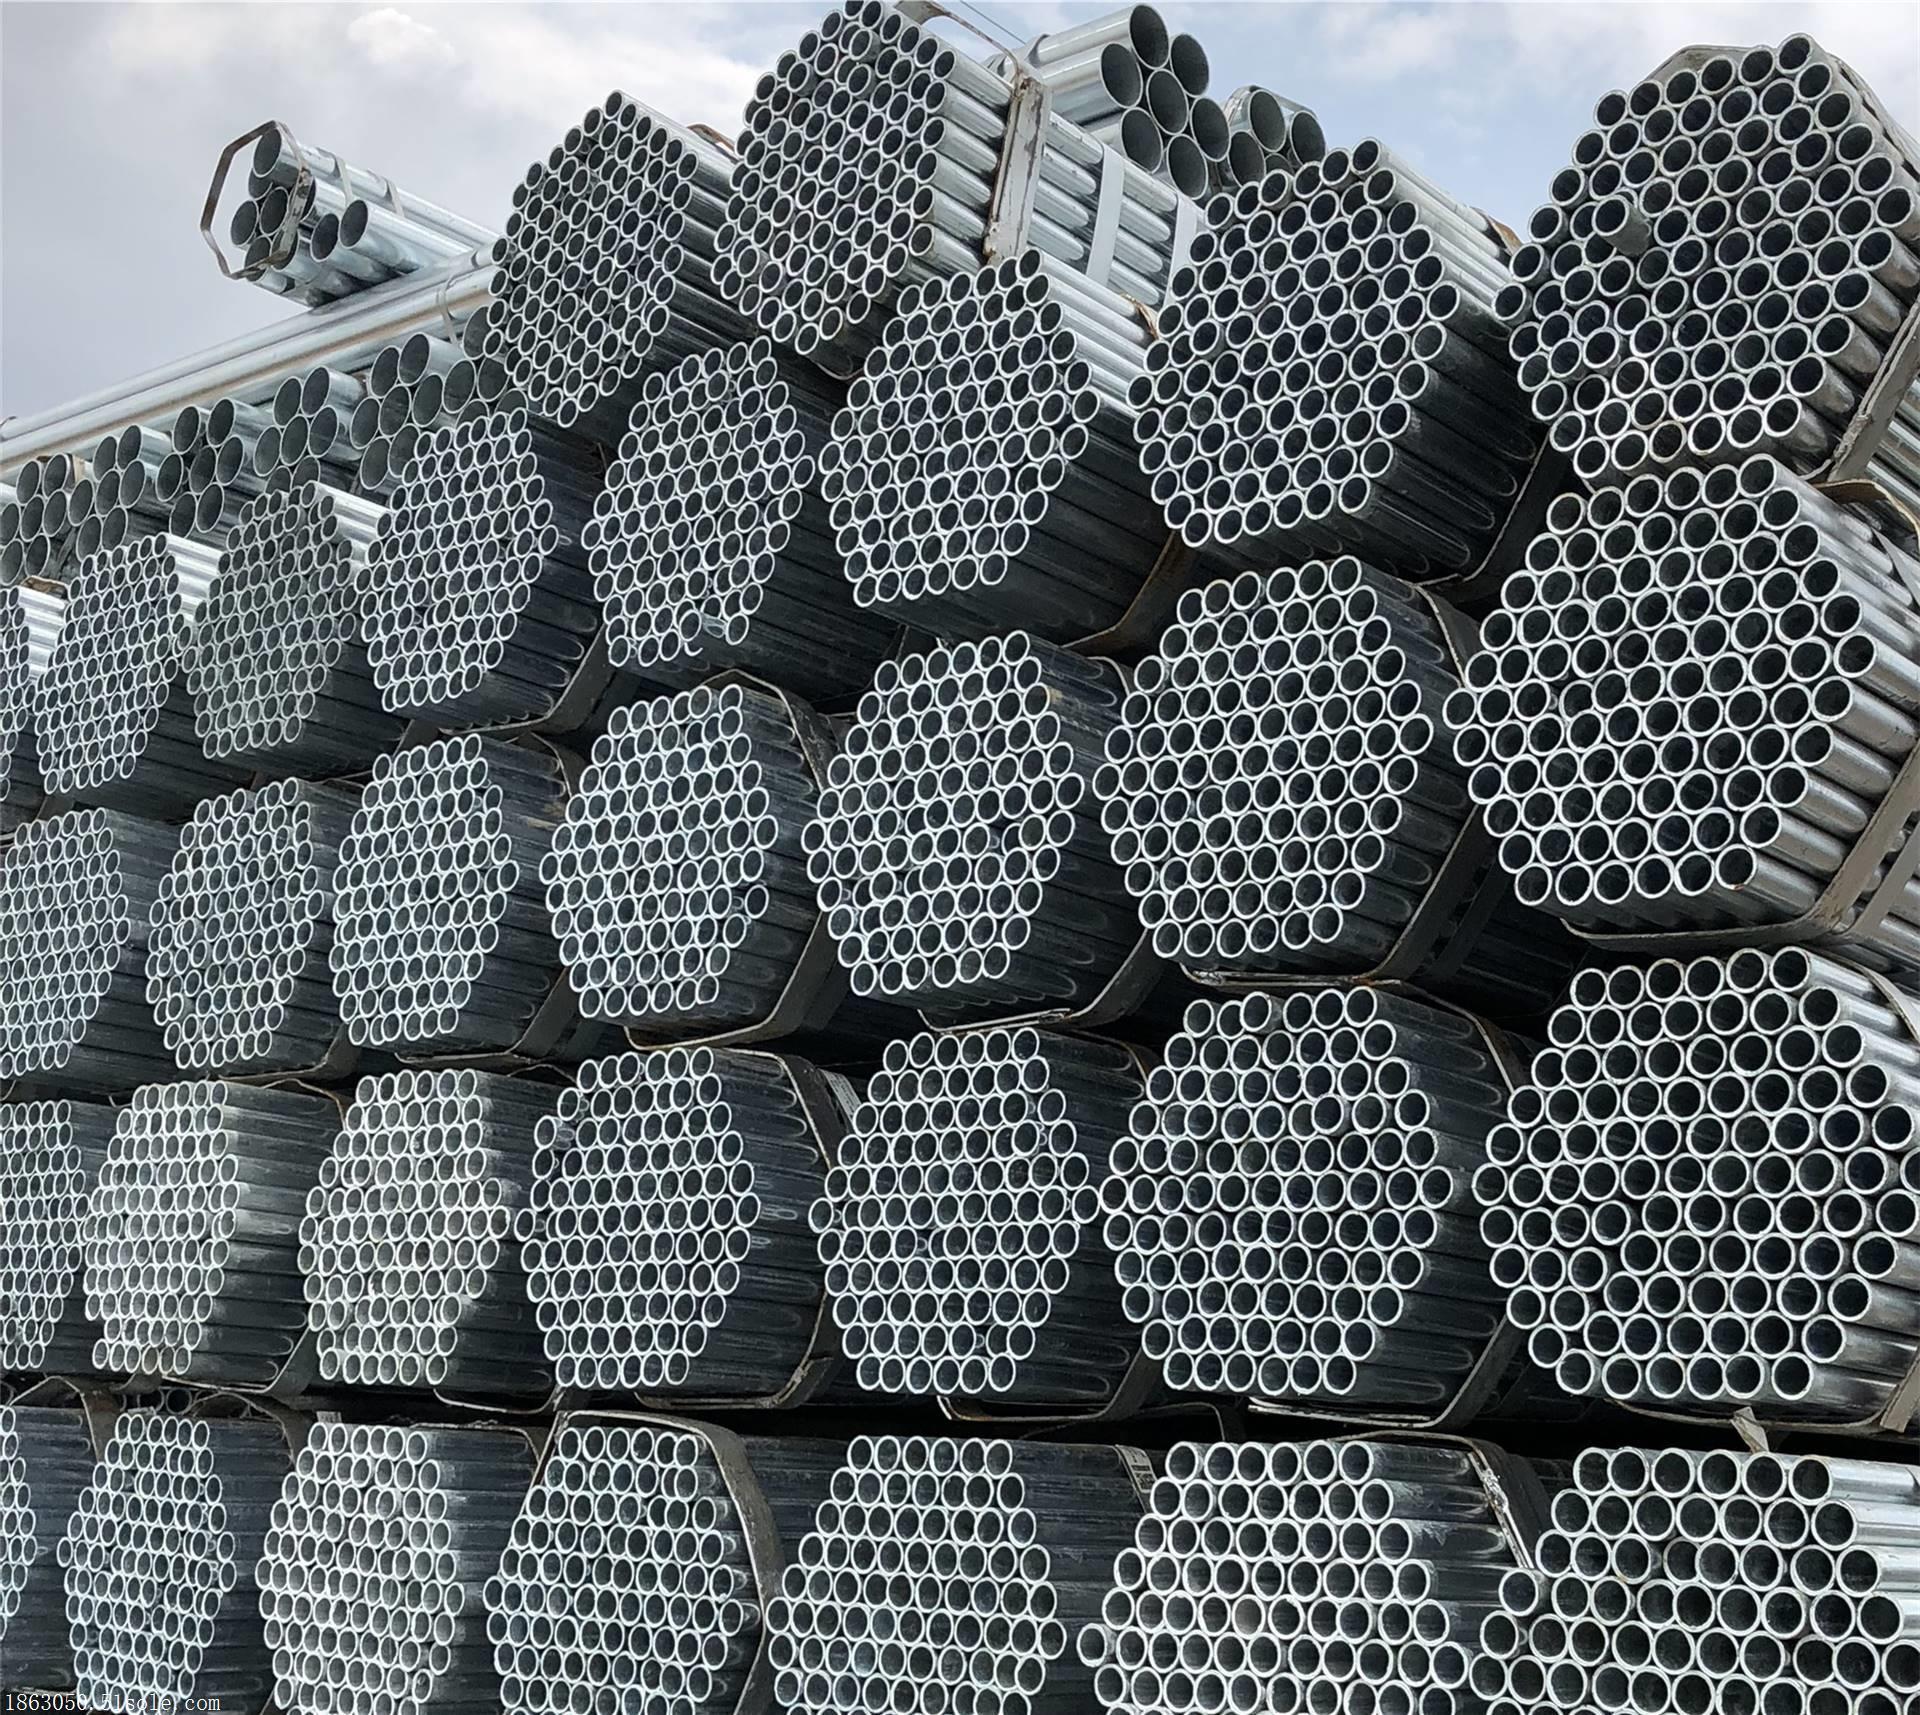 觀市 鋼價漲不停,后市看限產政策及庫存波動